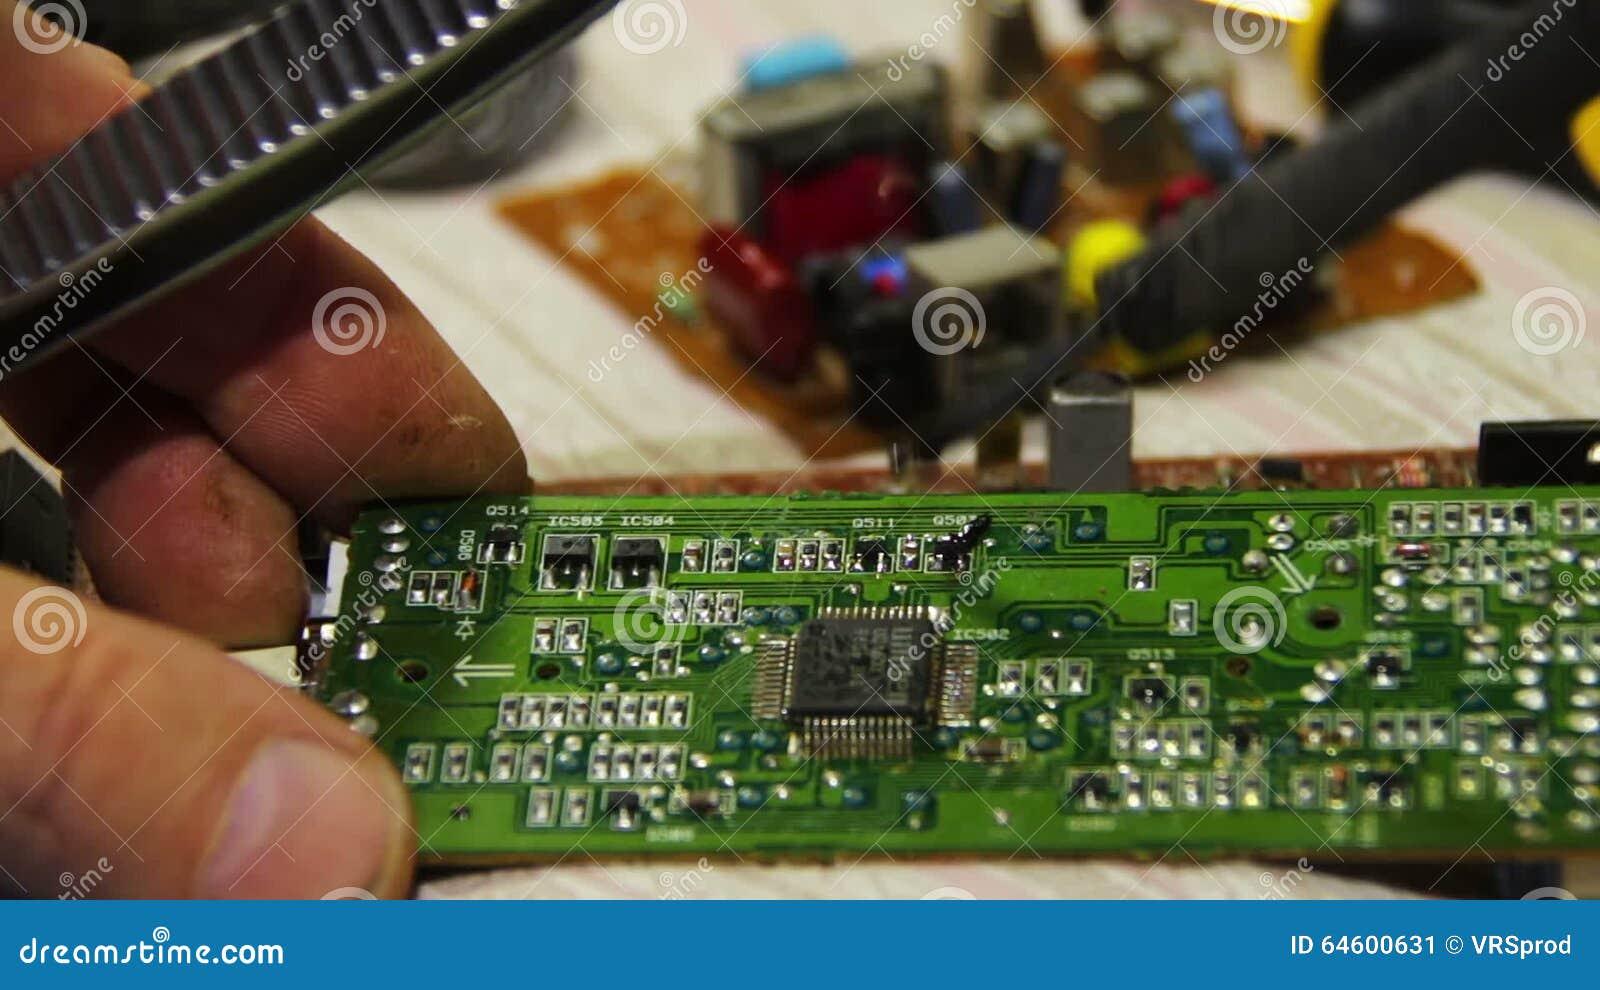 Lötende Elektronik Auf Leiterplatte Stock Video - Video von hardware ...